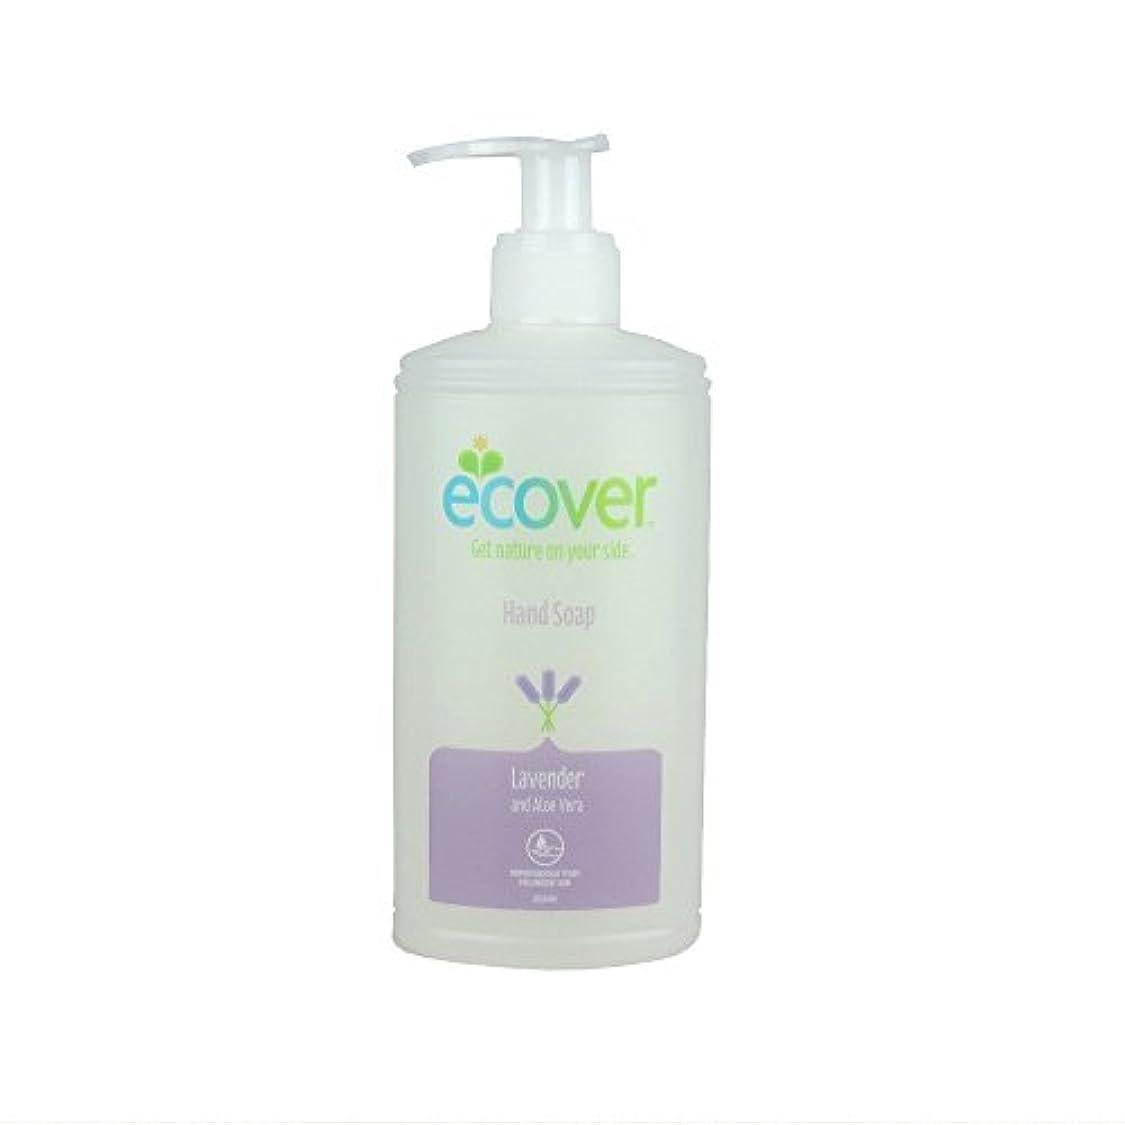 フォアマン興味等々Ecover Liquid Hand Soap Lavender & Aloe Vera (250ml) 液体ハンドソープラベンダーとアロエベラ( 250ミリリットル)をエコベール